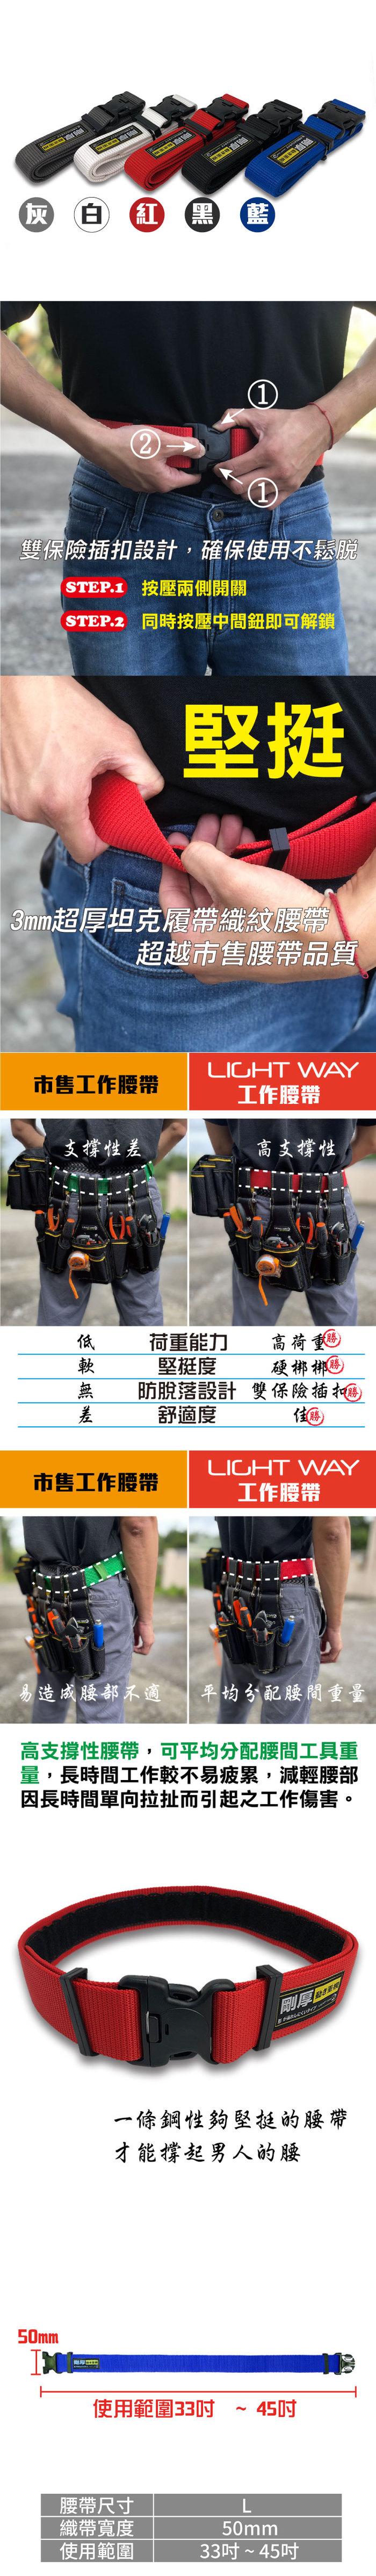 (複製)Light way 雙保險高鋼性工作腰帶(M) 23-34吋-灰